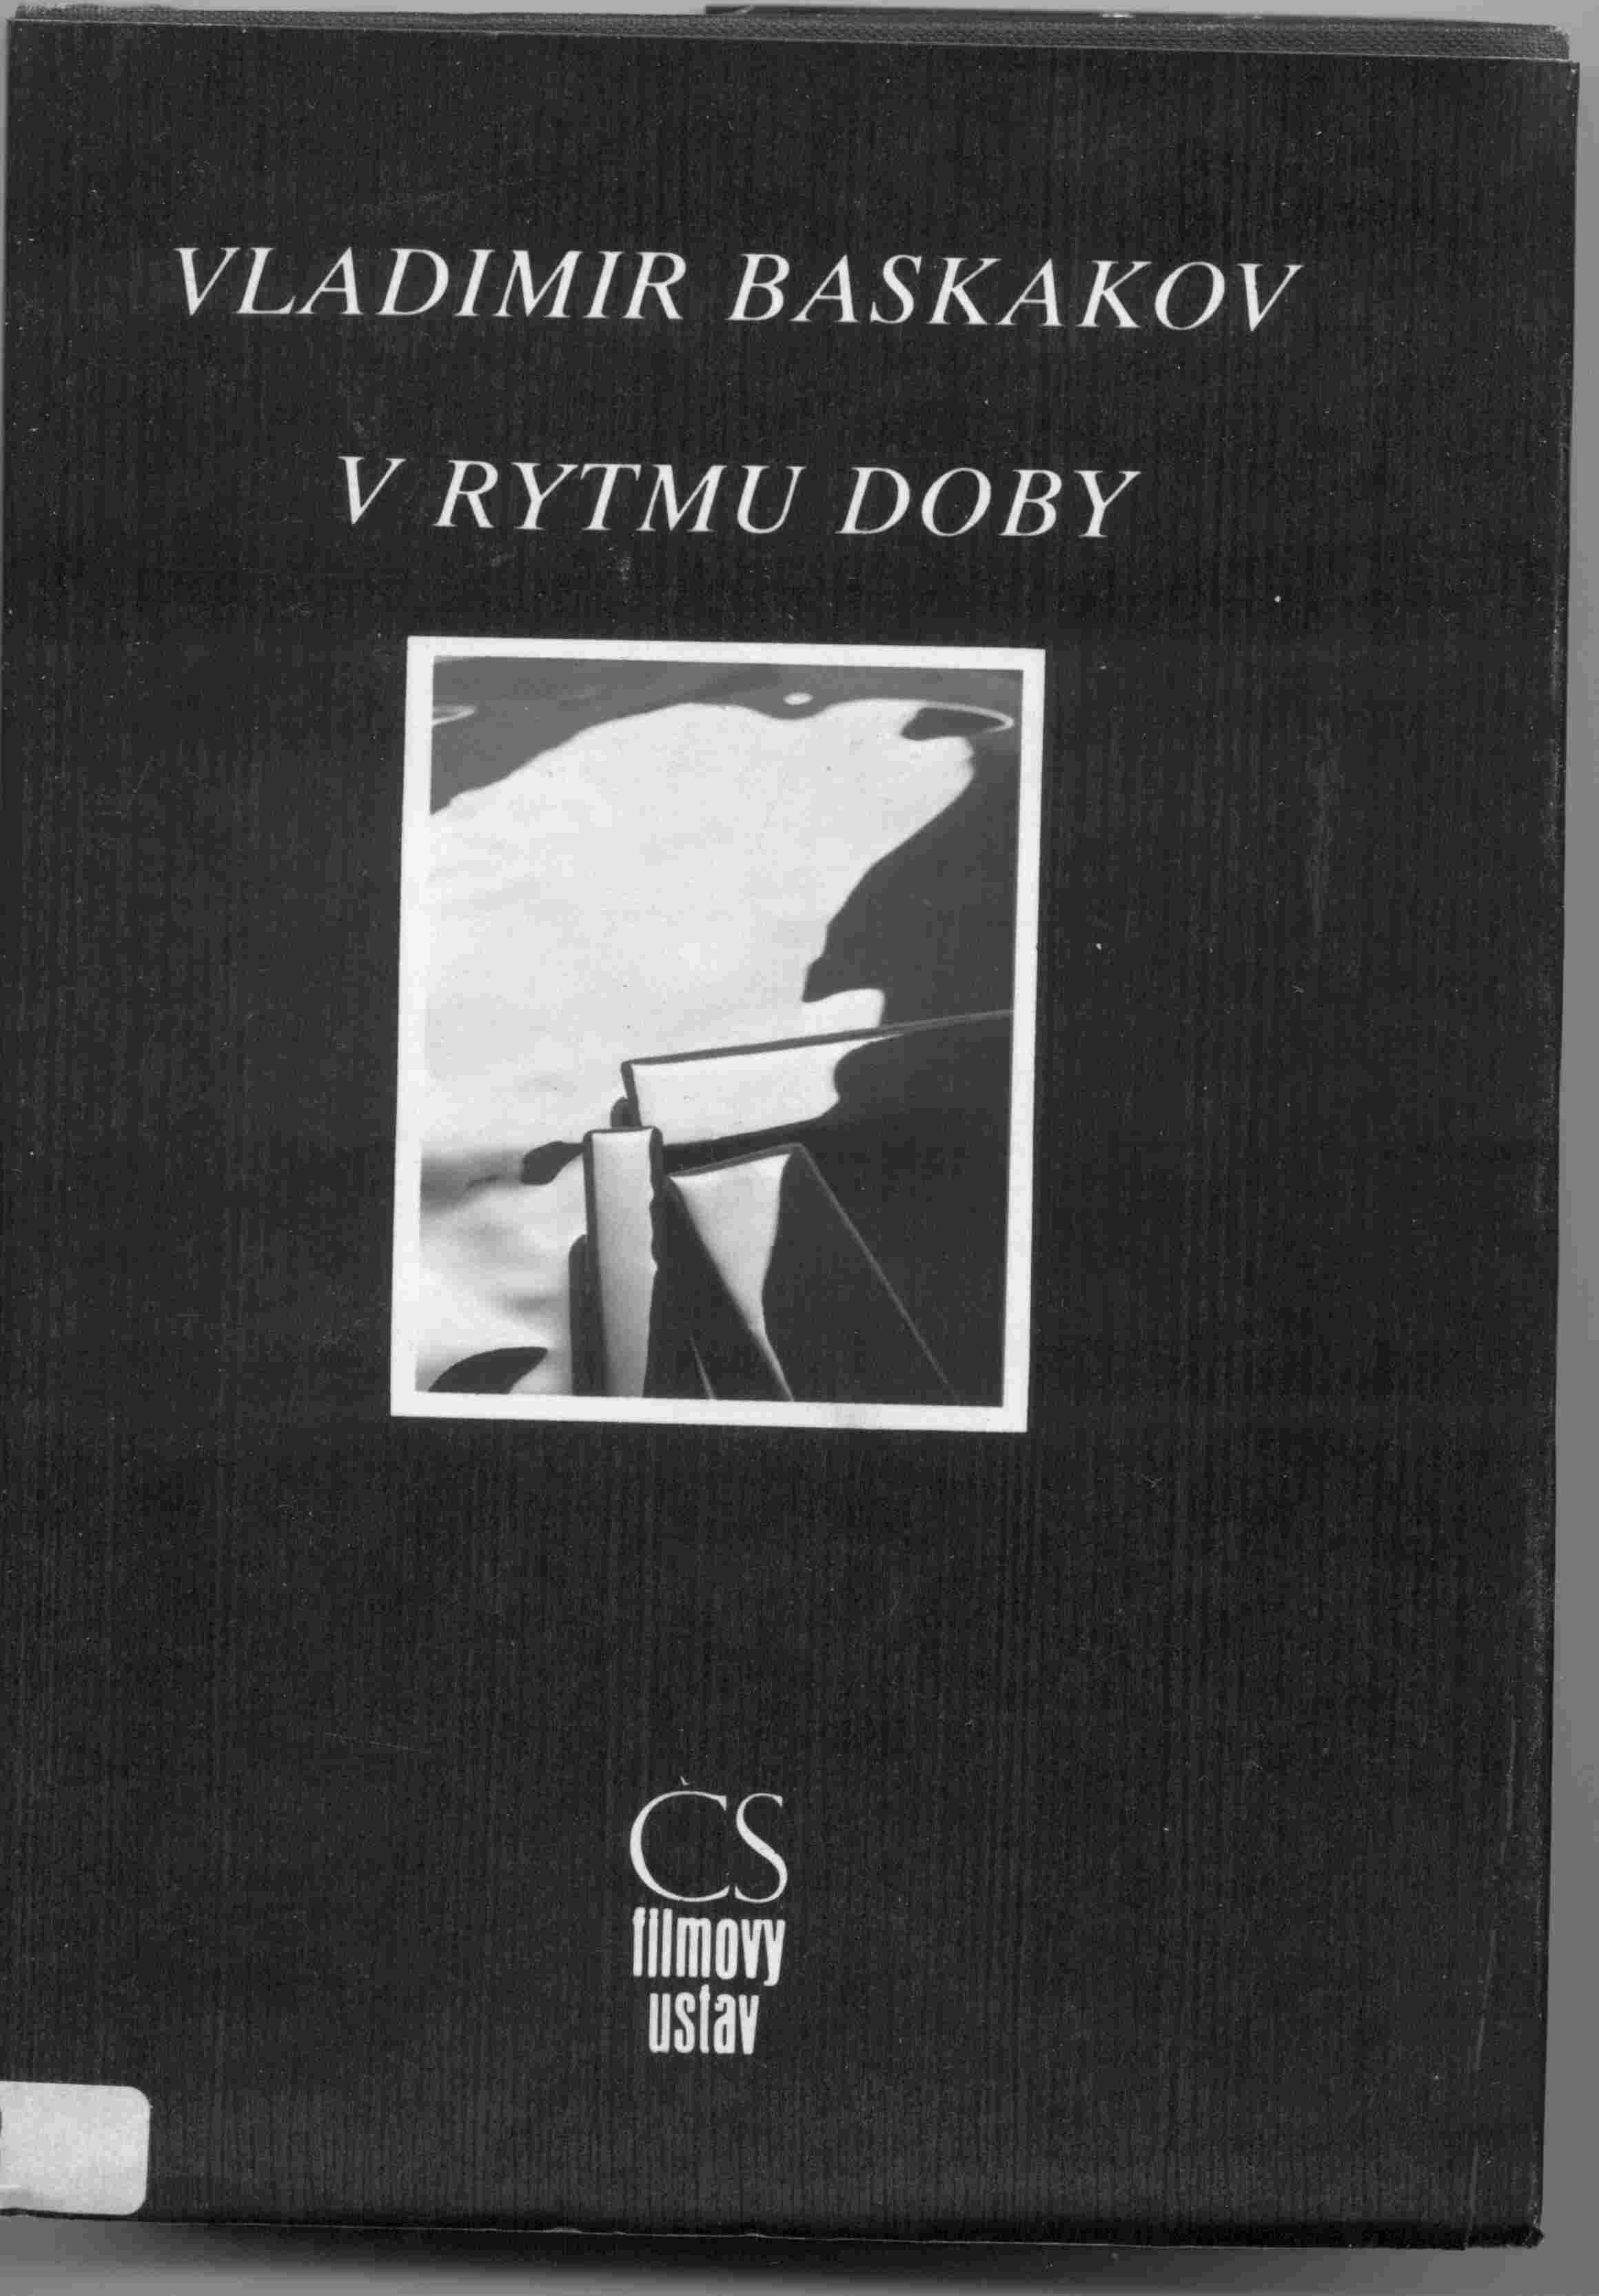 V rytmu doby - Vladimir Baskakov